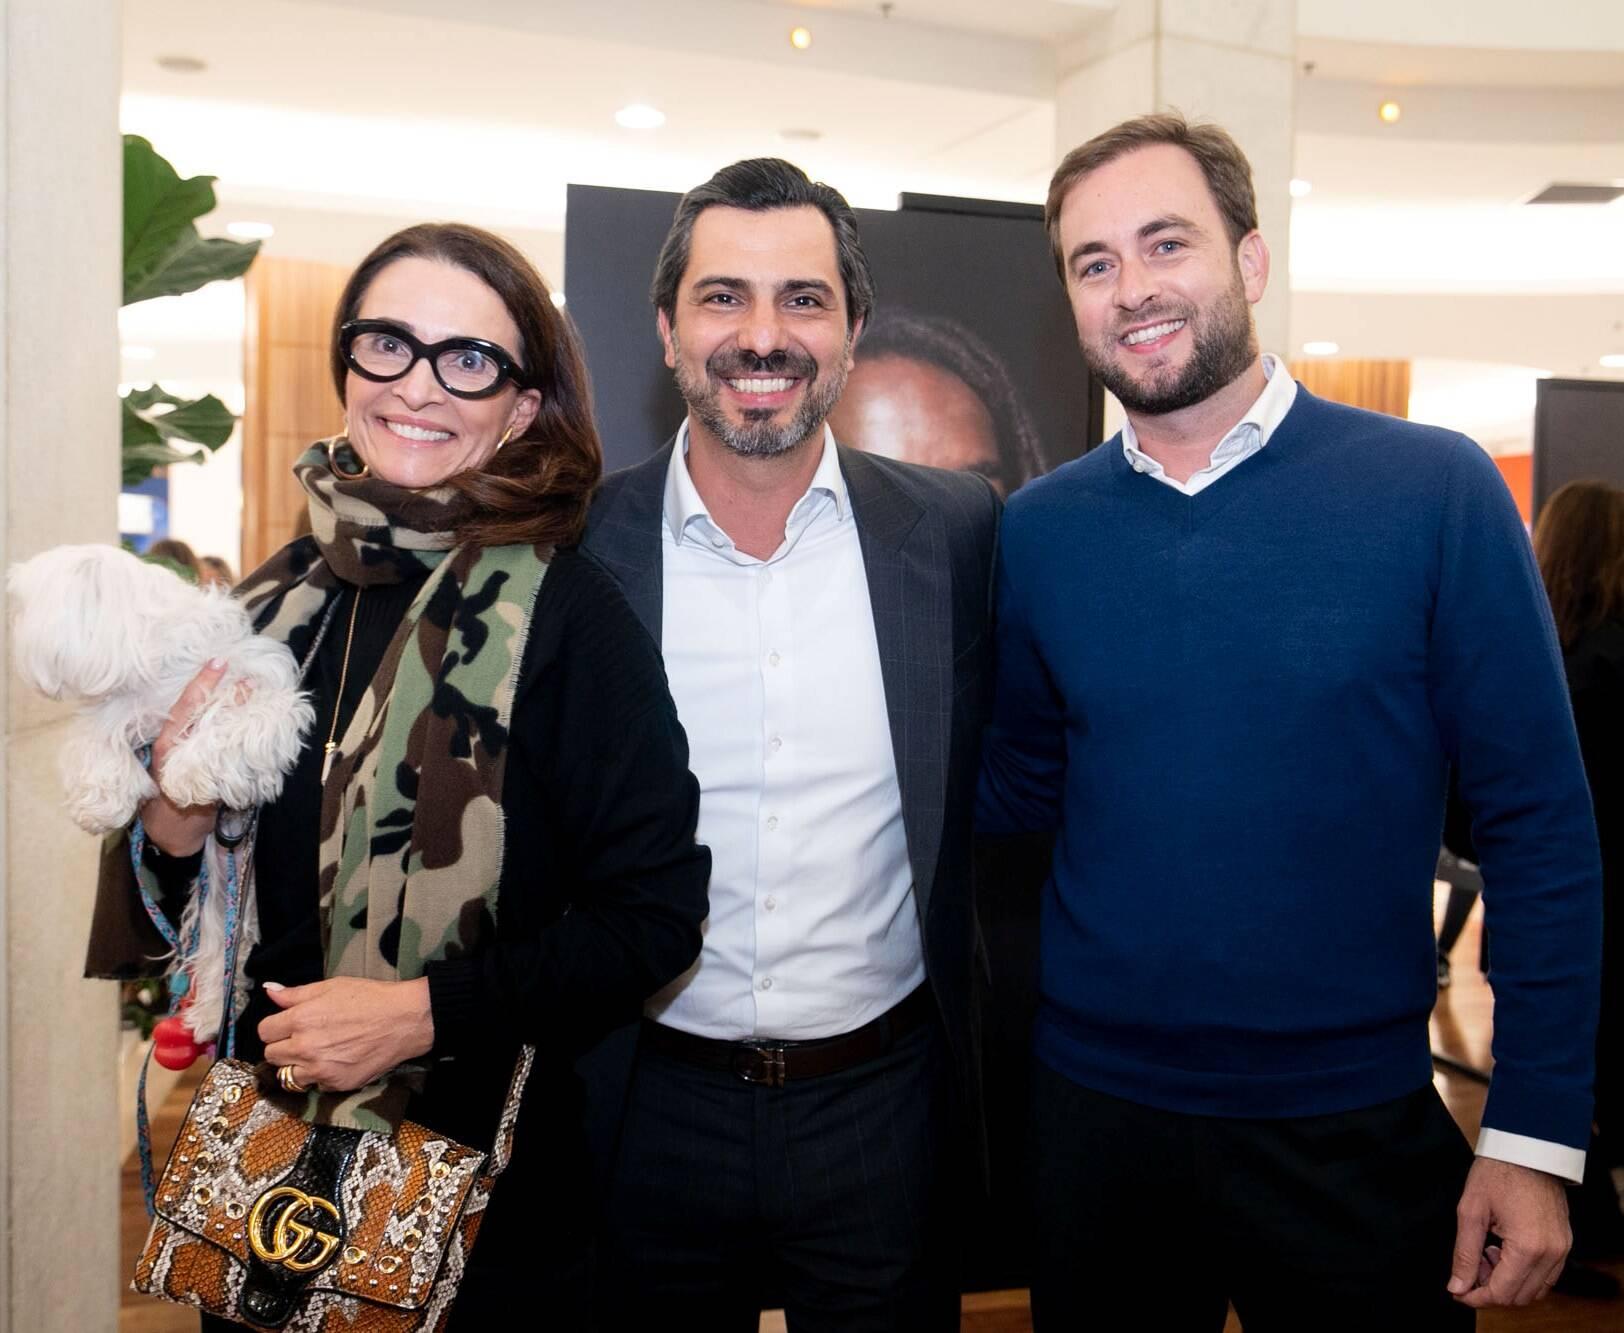 Andrea Natal, Rodrigo Lovatti e Cassiano Vitorino / Foto: Cristina Lacerda